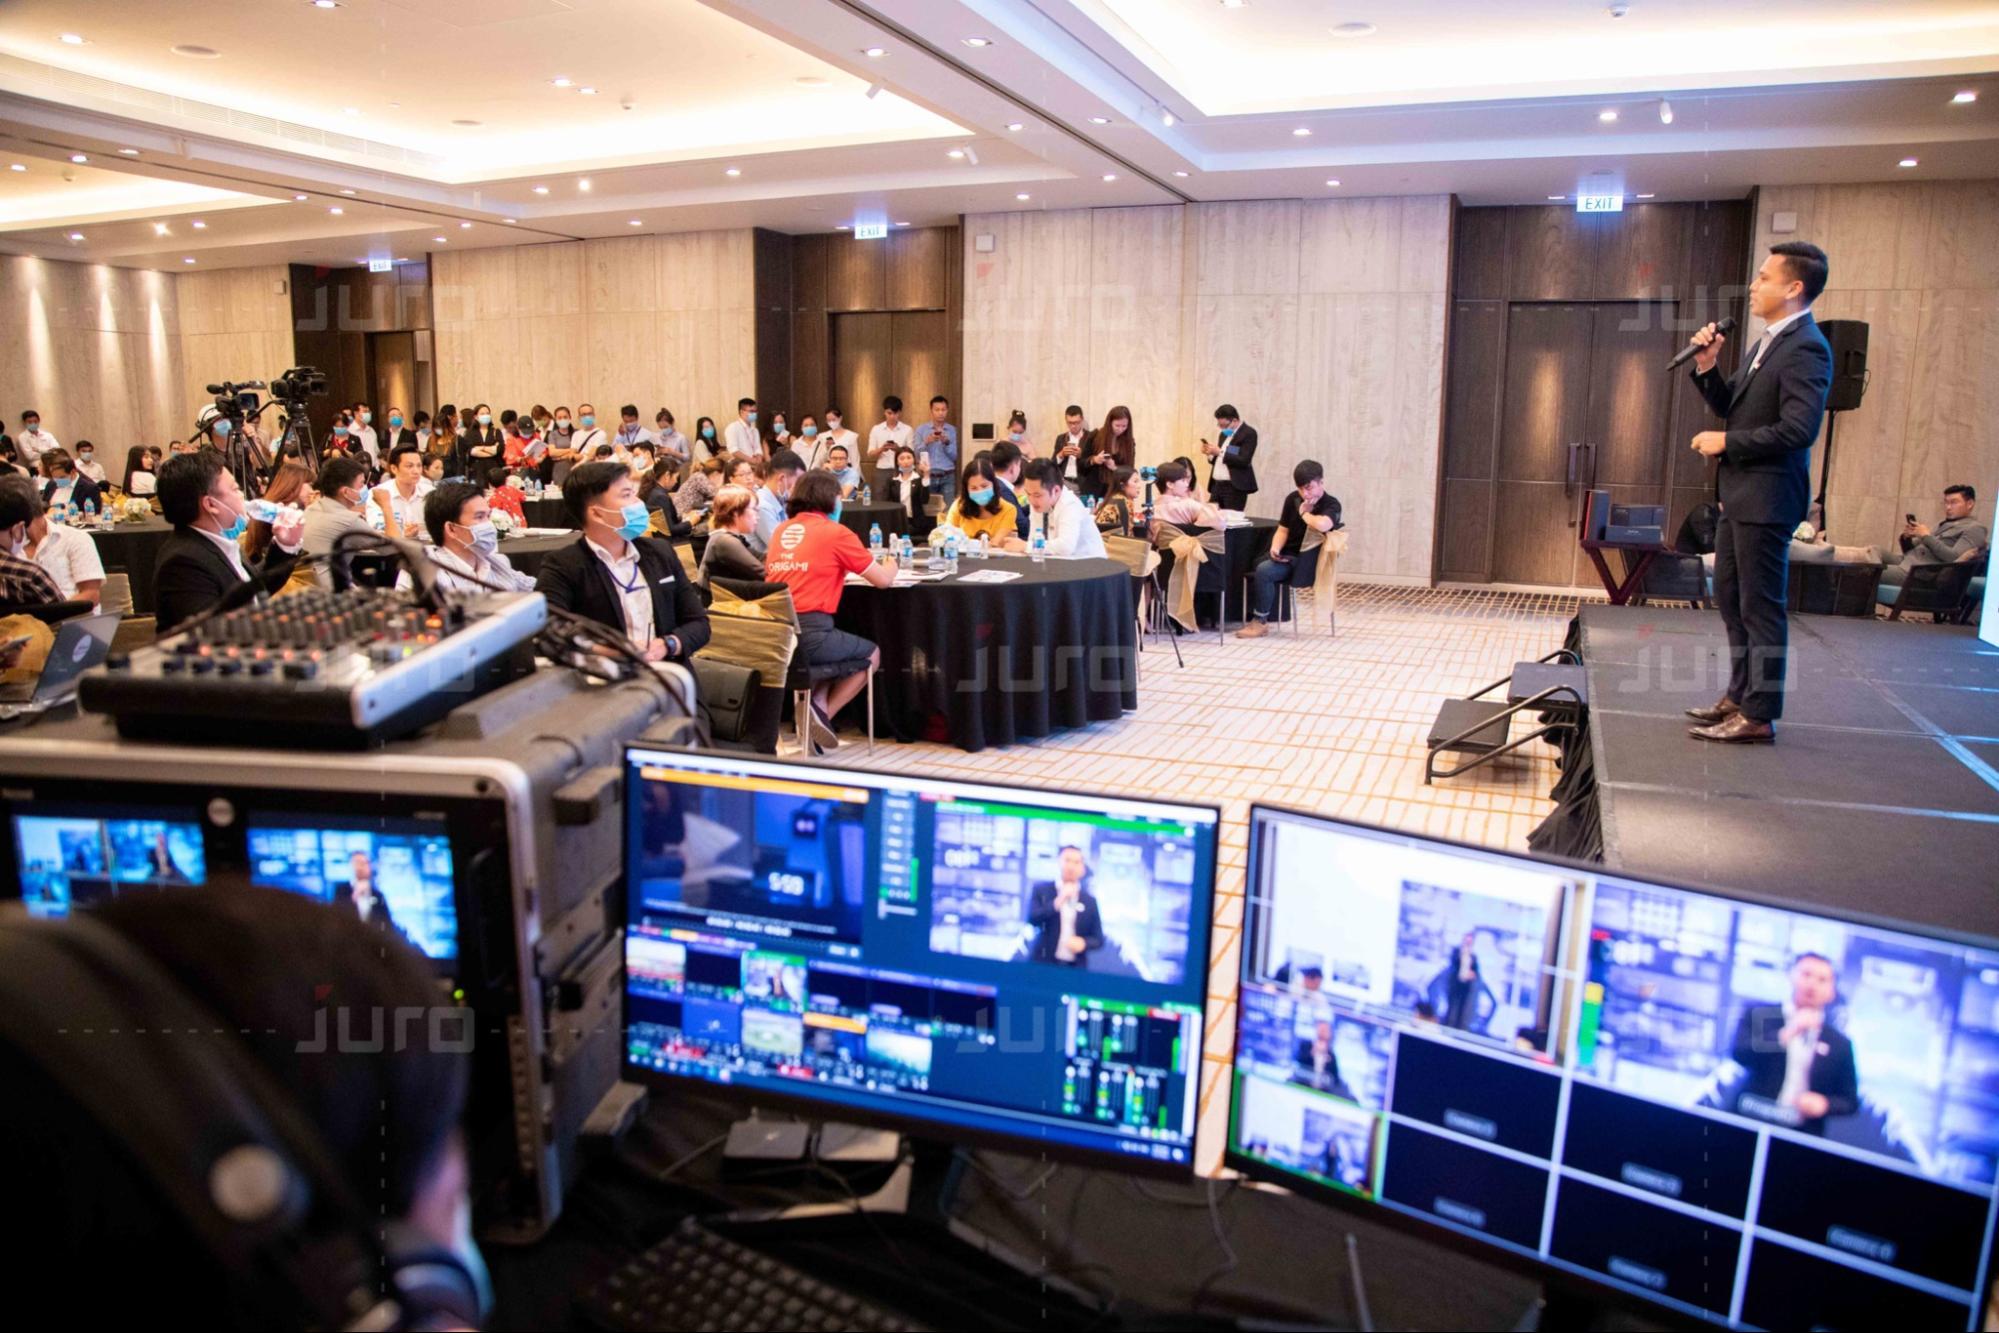 Dịch vụ Livestream giúp quảng cáo hình ảnh thương hiệu